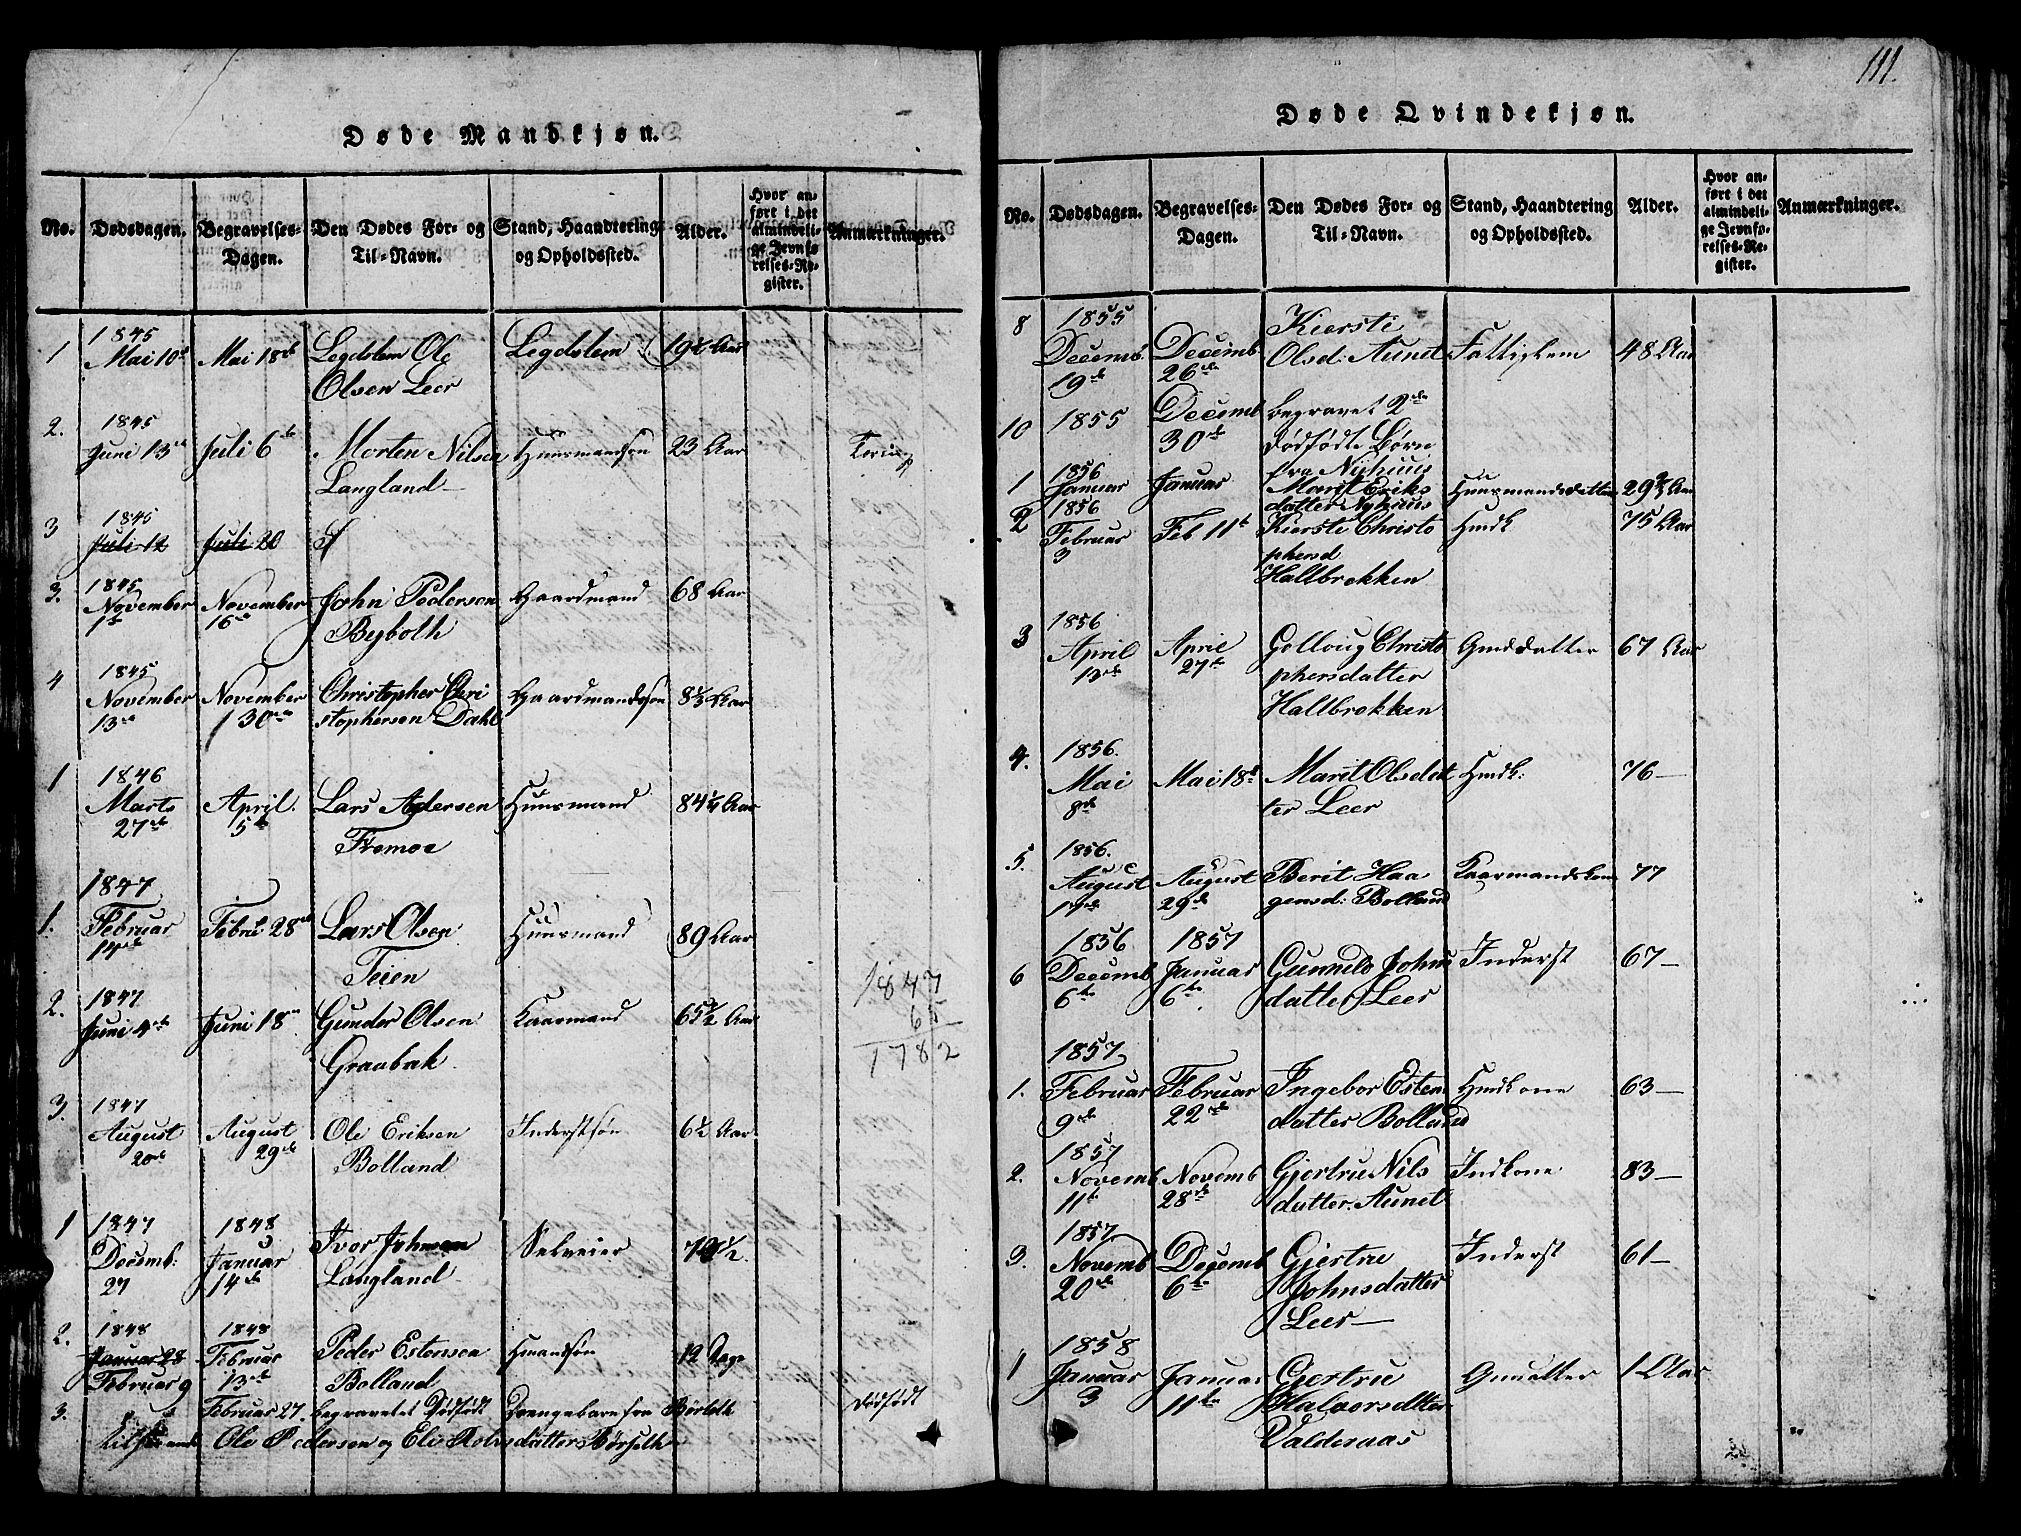 SAT, Ministerialprotokoller, klokkerbøker og fødselsregistre - Sør-Trøndelag, 693/L1121: Klokkerbok nr. 693C02, 1816-1869, s. 111